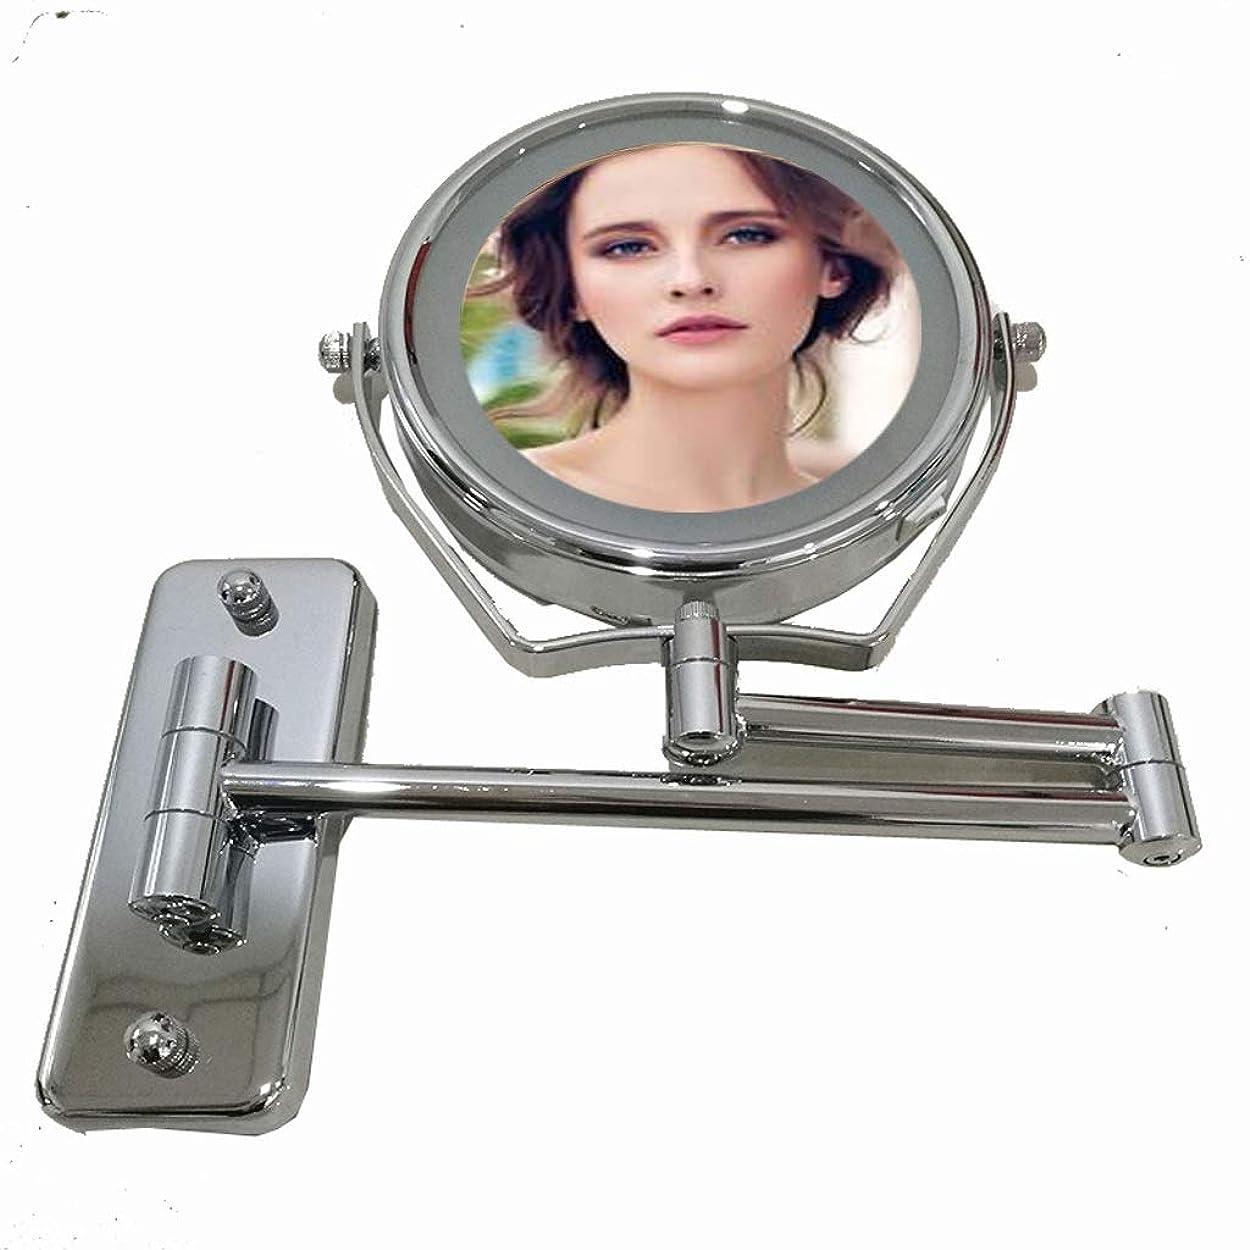 価値から動脈照明付き化粧鏡 ウォールマウント化粧台ミラー付きライトLED化粧鏡True image + 7x倍率両面回転式バスルームミラー、シェービングウォールミラー、クローム 化粧鏡